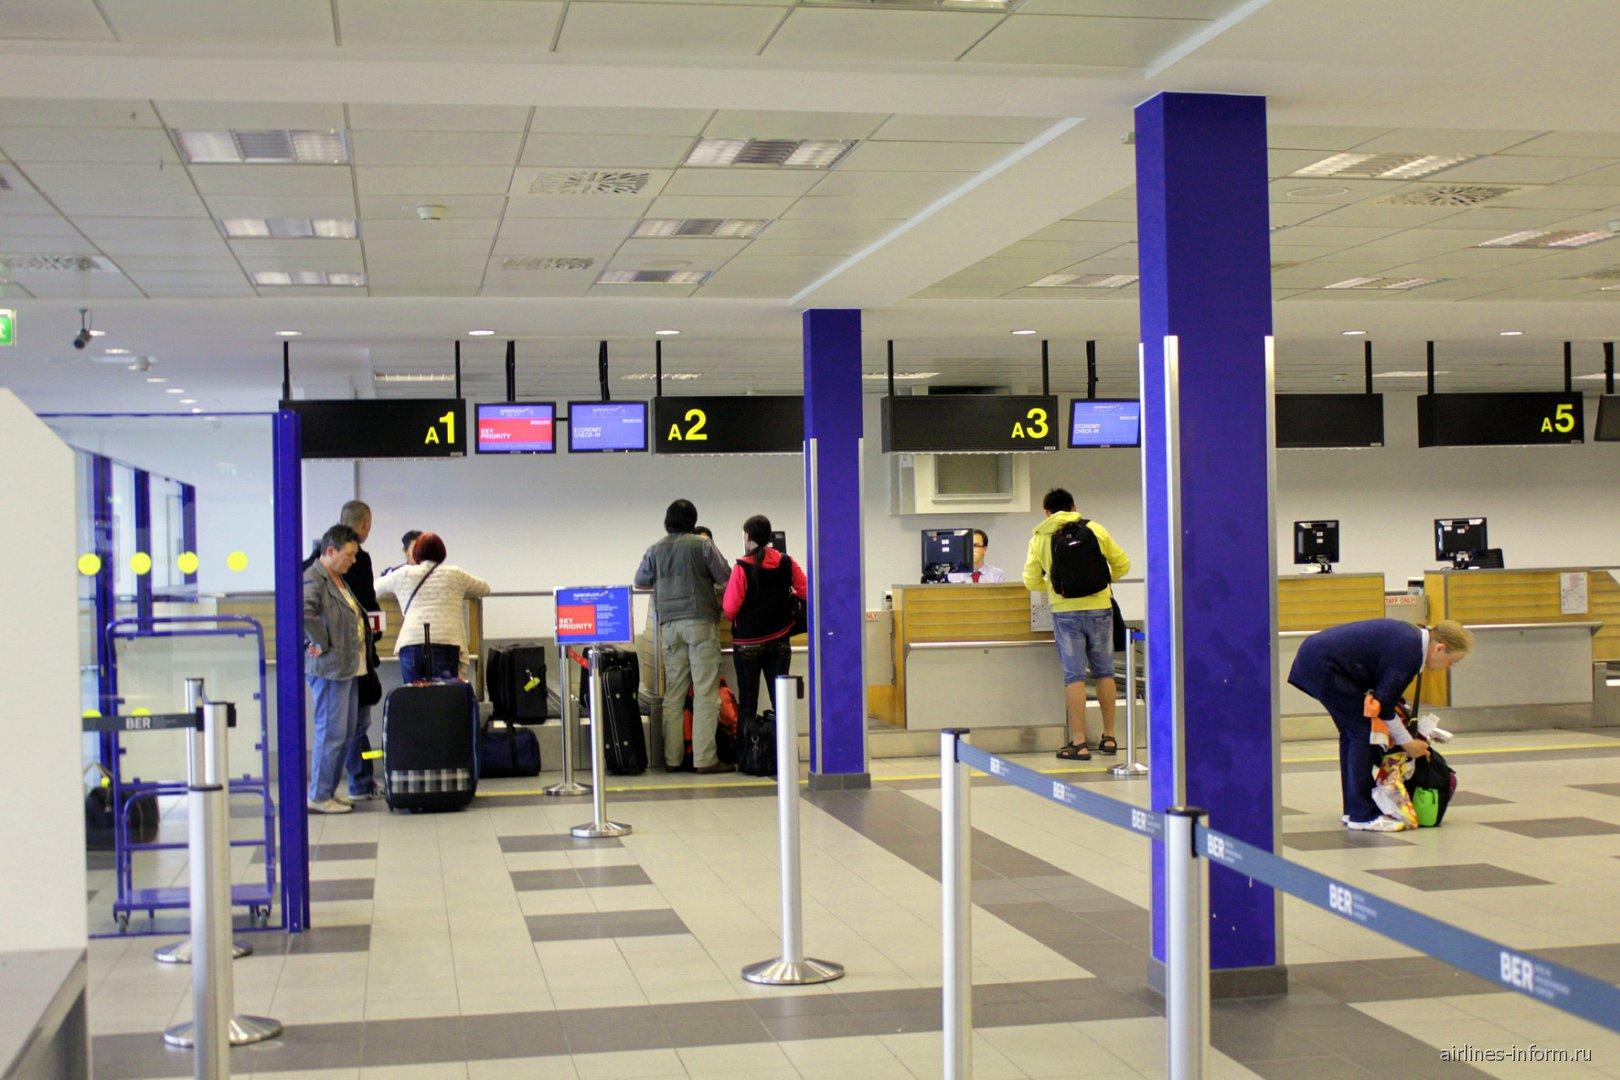 Стойки регистрации в аэропорту Берлин-Шёнефельд